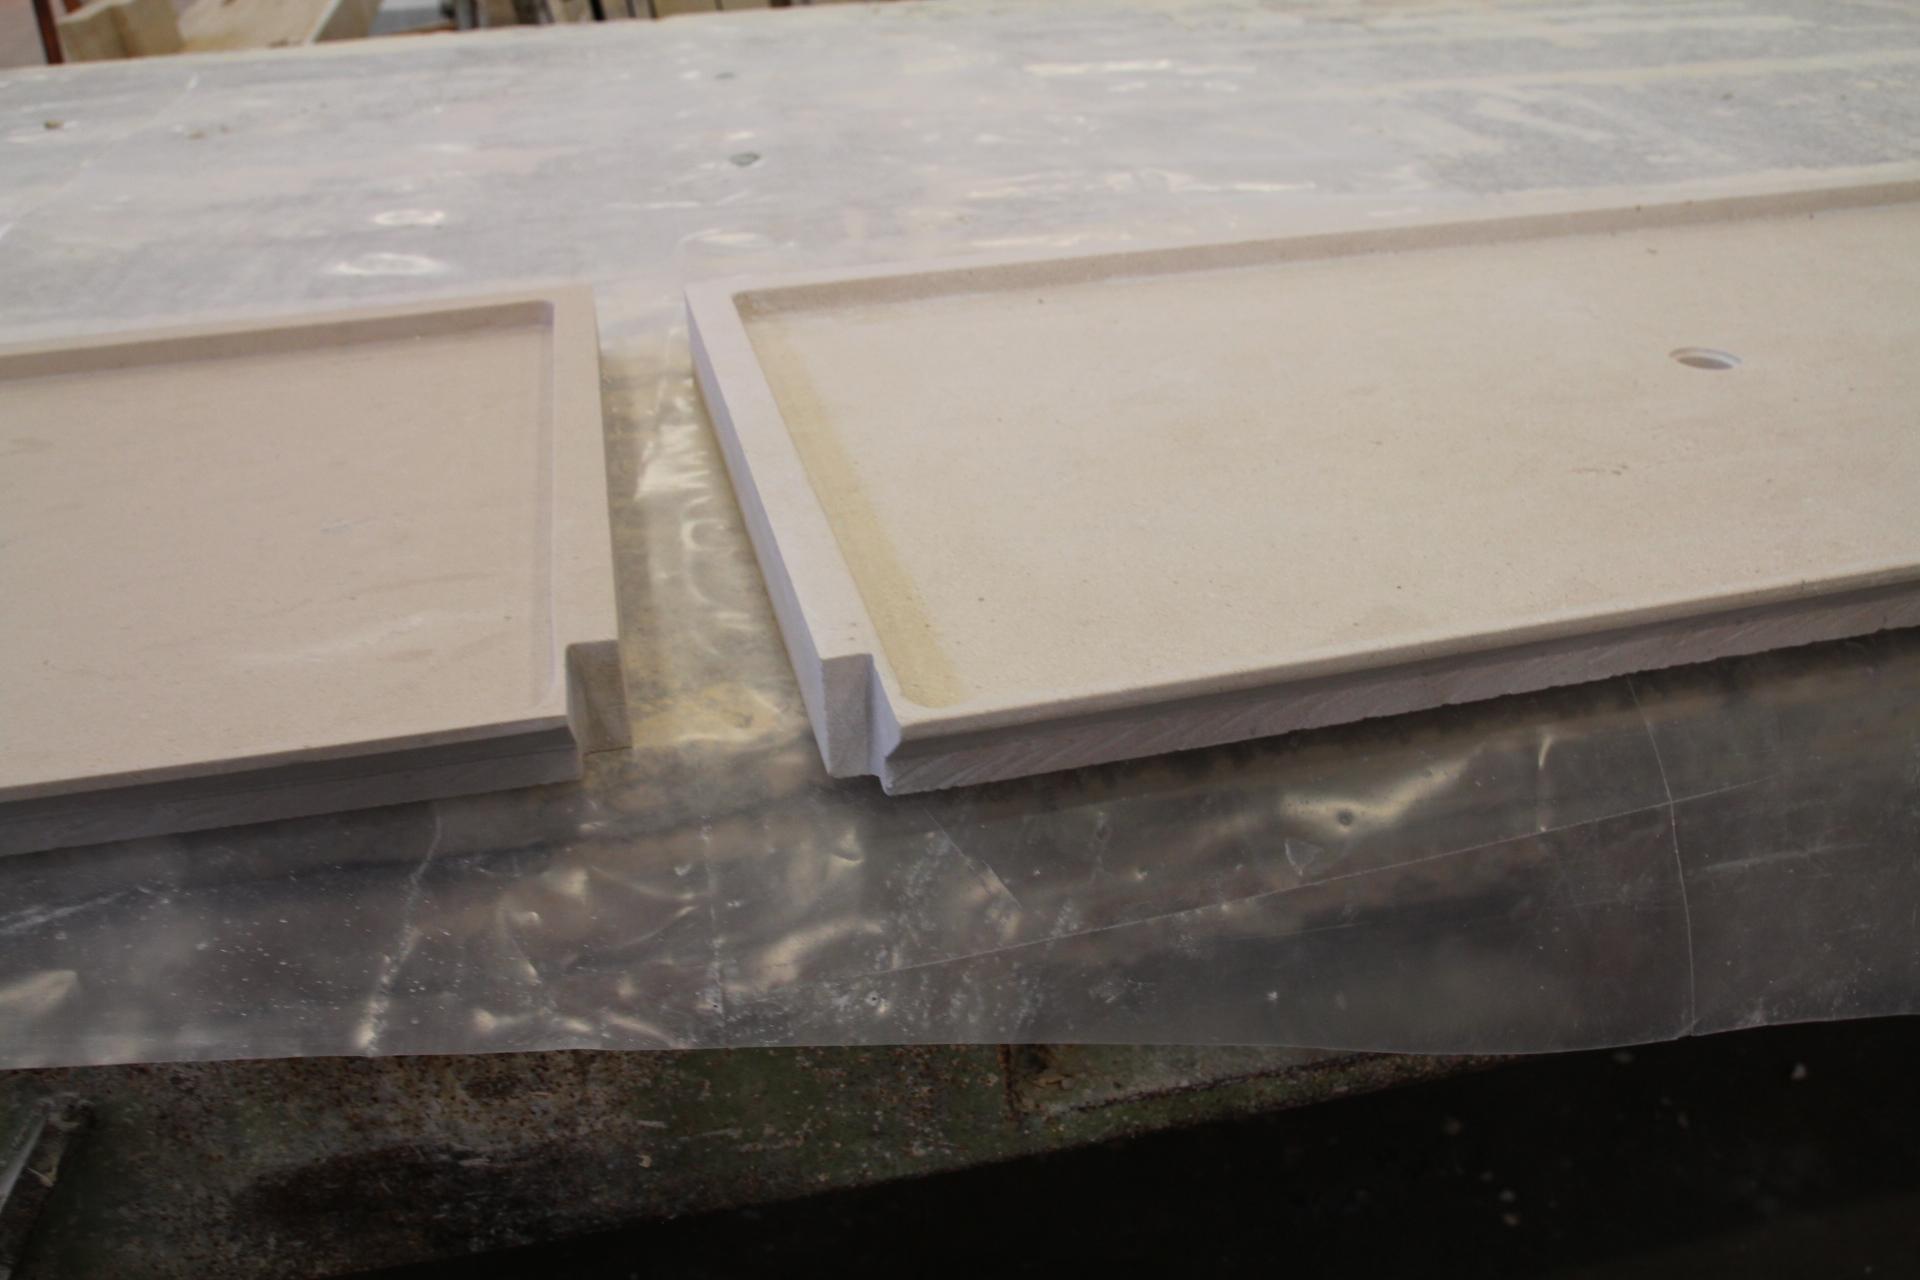 Davanzale marmo 28 images davanzali di marmo colato puritamo davanzale it i vendita e - Aggiungi un posto a tavola accordi ...